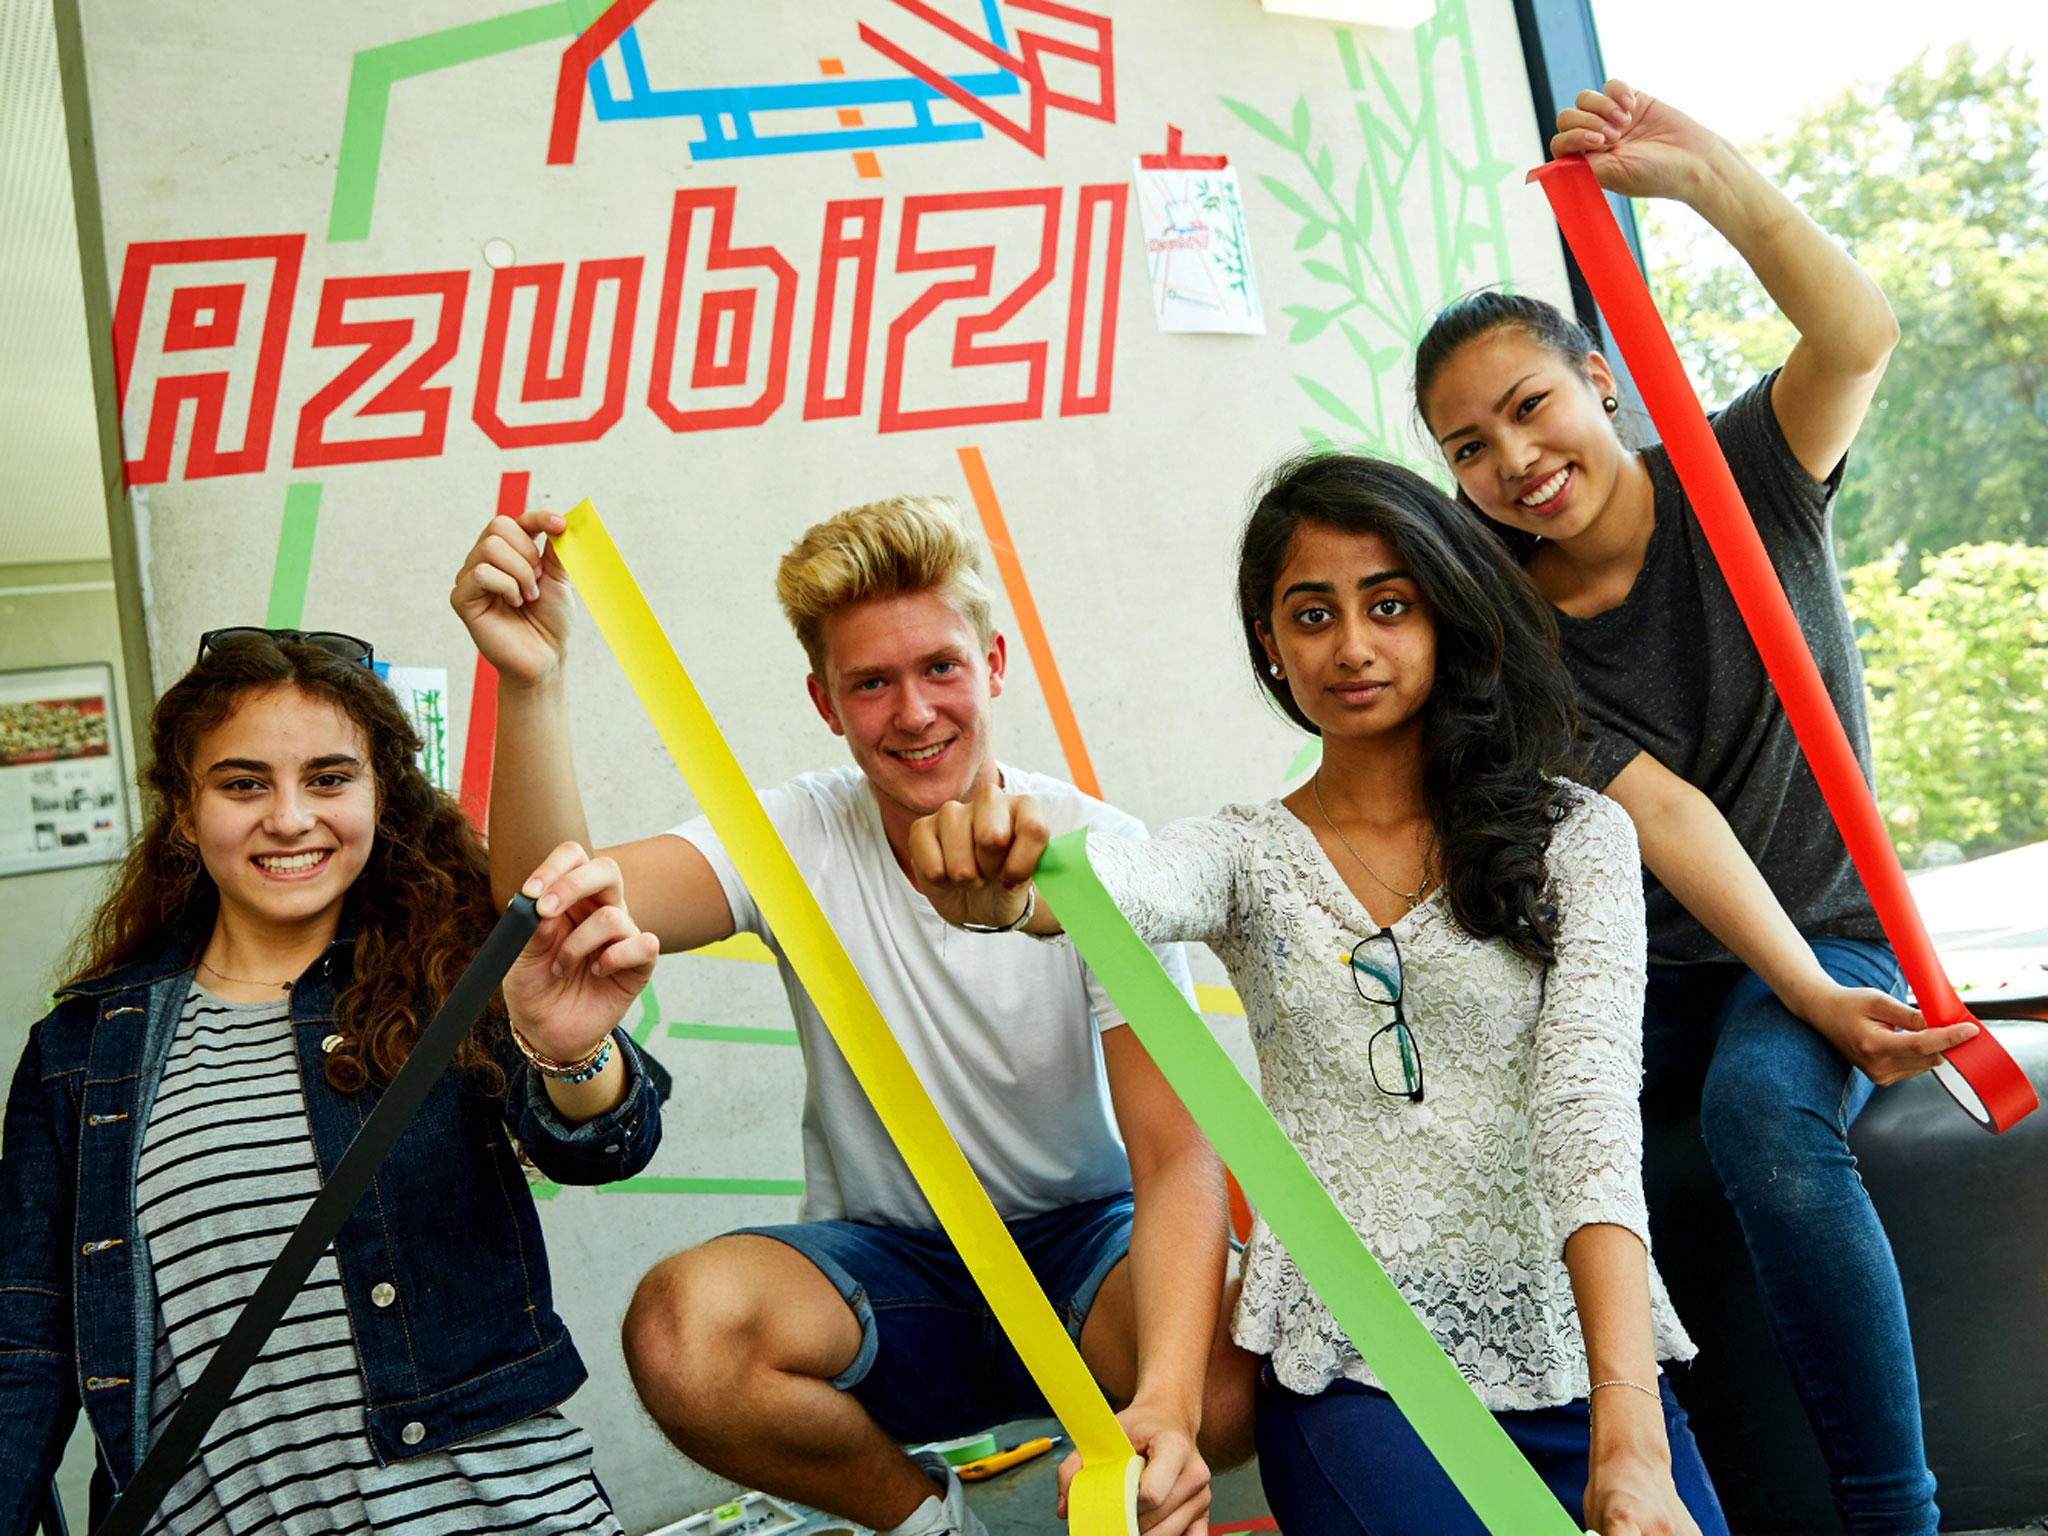 """Drei Junge Frauen und ein junger Mann mit Tape in unterschiedlichen Farben. Hinter ihnen ist """"Azubi21"""" geklebt."""